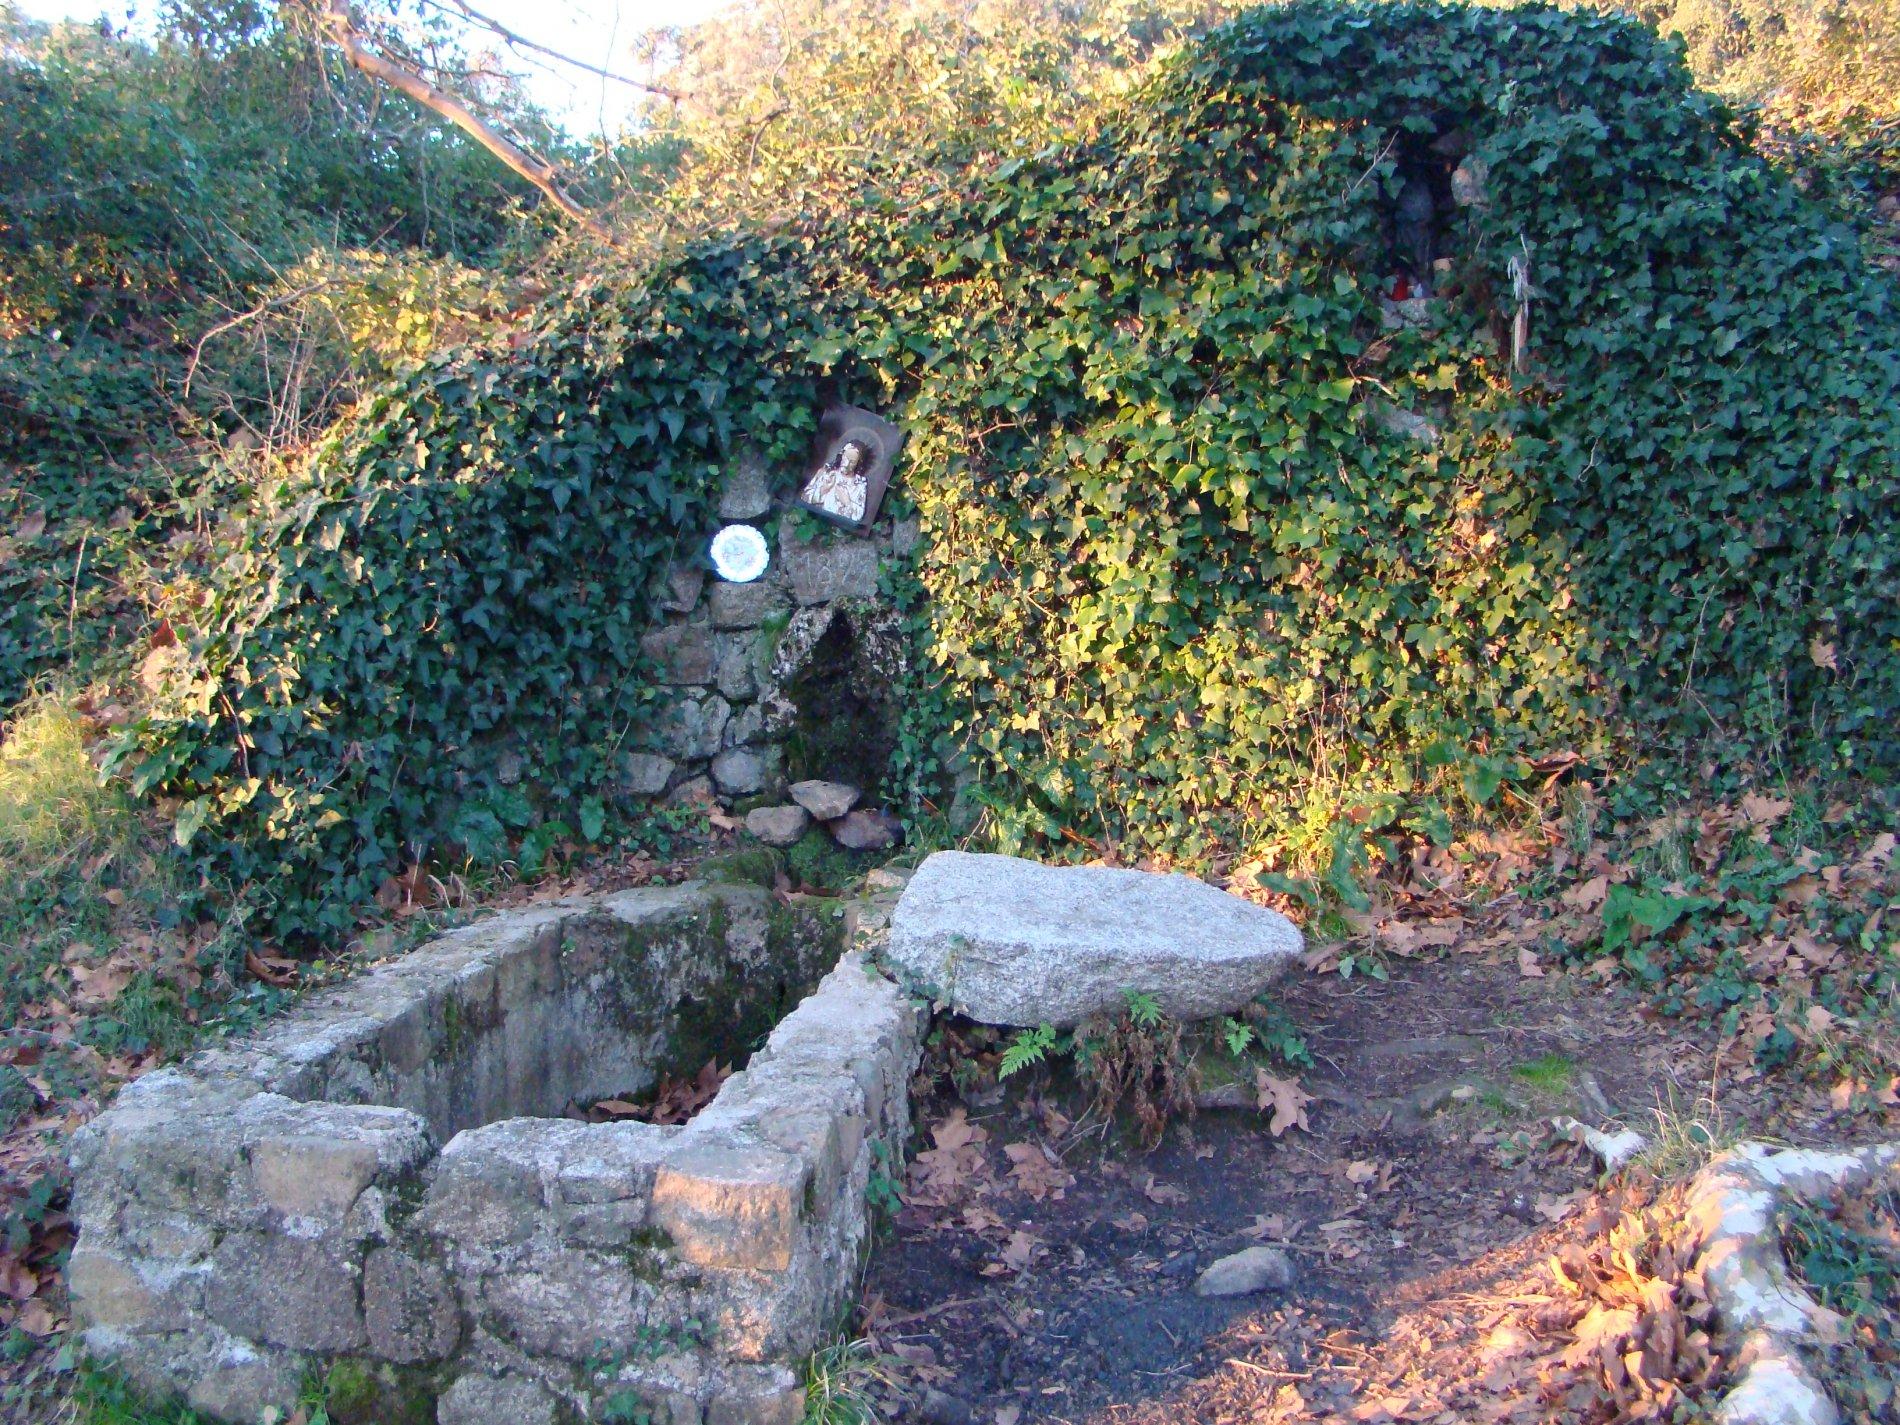 La font del Prat a Romanyà consta d'una paret de pedra d'on surt el broc d'aigua. Aquest es troba decorat amb les precipitacions de carbonat càlcic de la mateix aigua. A davant de la font hi ha un abeurador rectangular, construït amb pedra i morter.